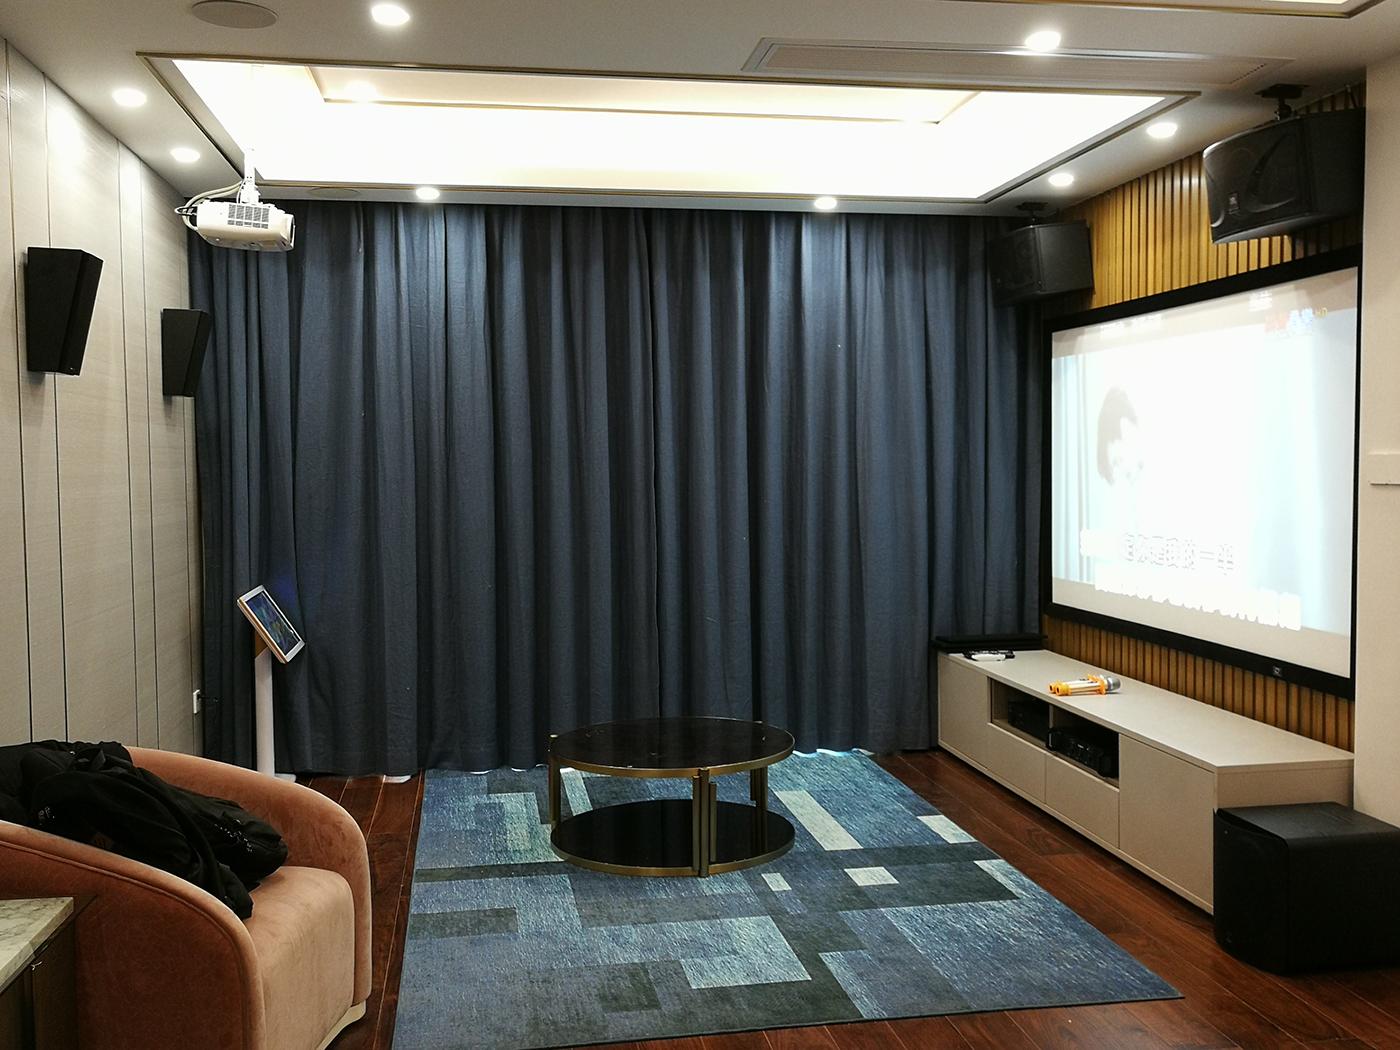 广州顺德碧桂园别墅客厅家庭影院KTV安装案例